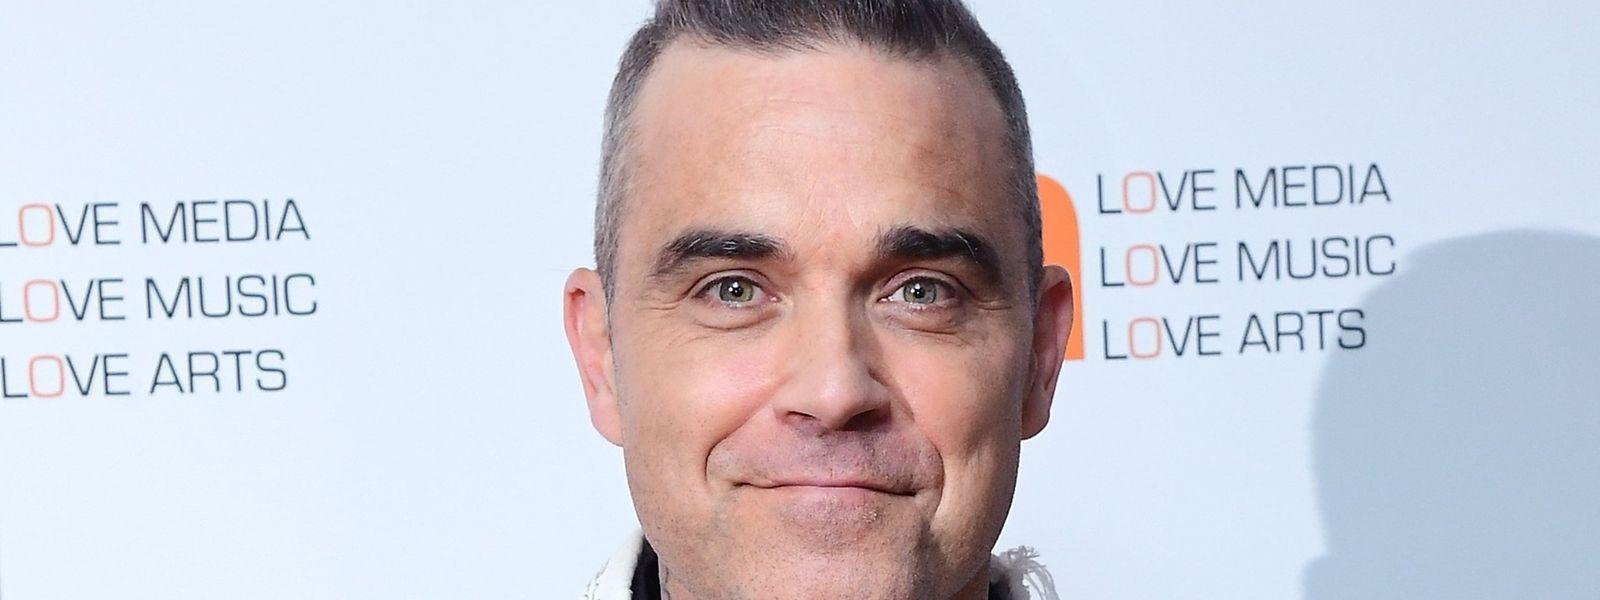 Der britische Popsänger Robbie Williams gab das Passwort für seinen Twitter-Account vosichtshalber aus der Hand.